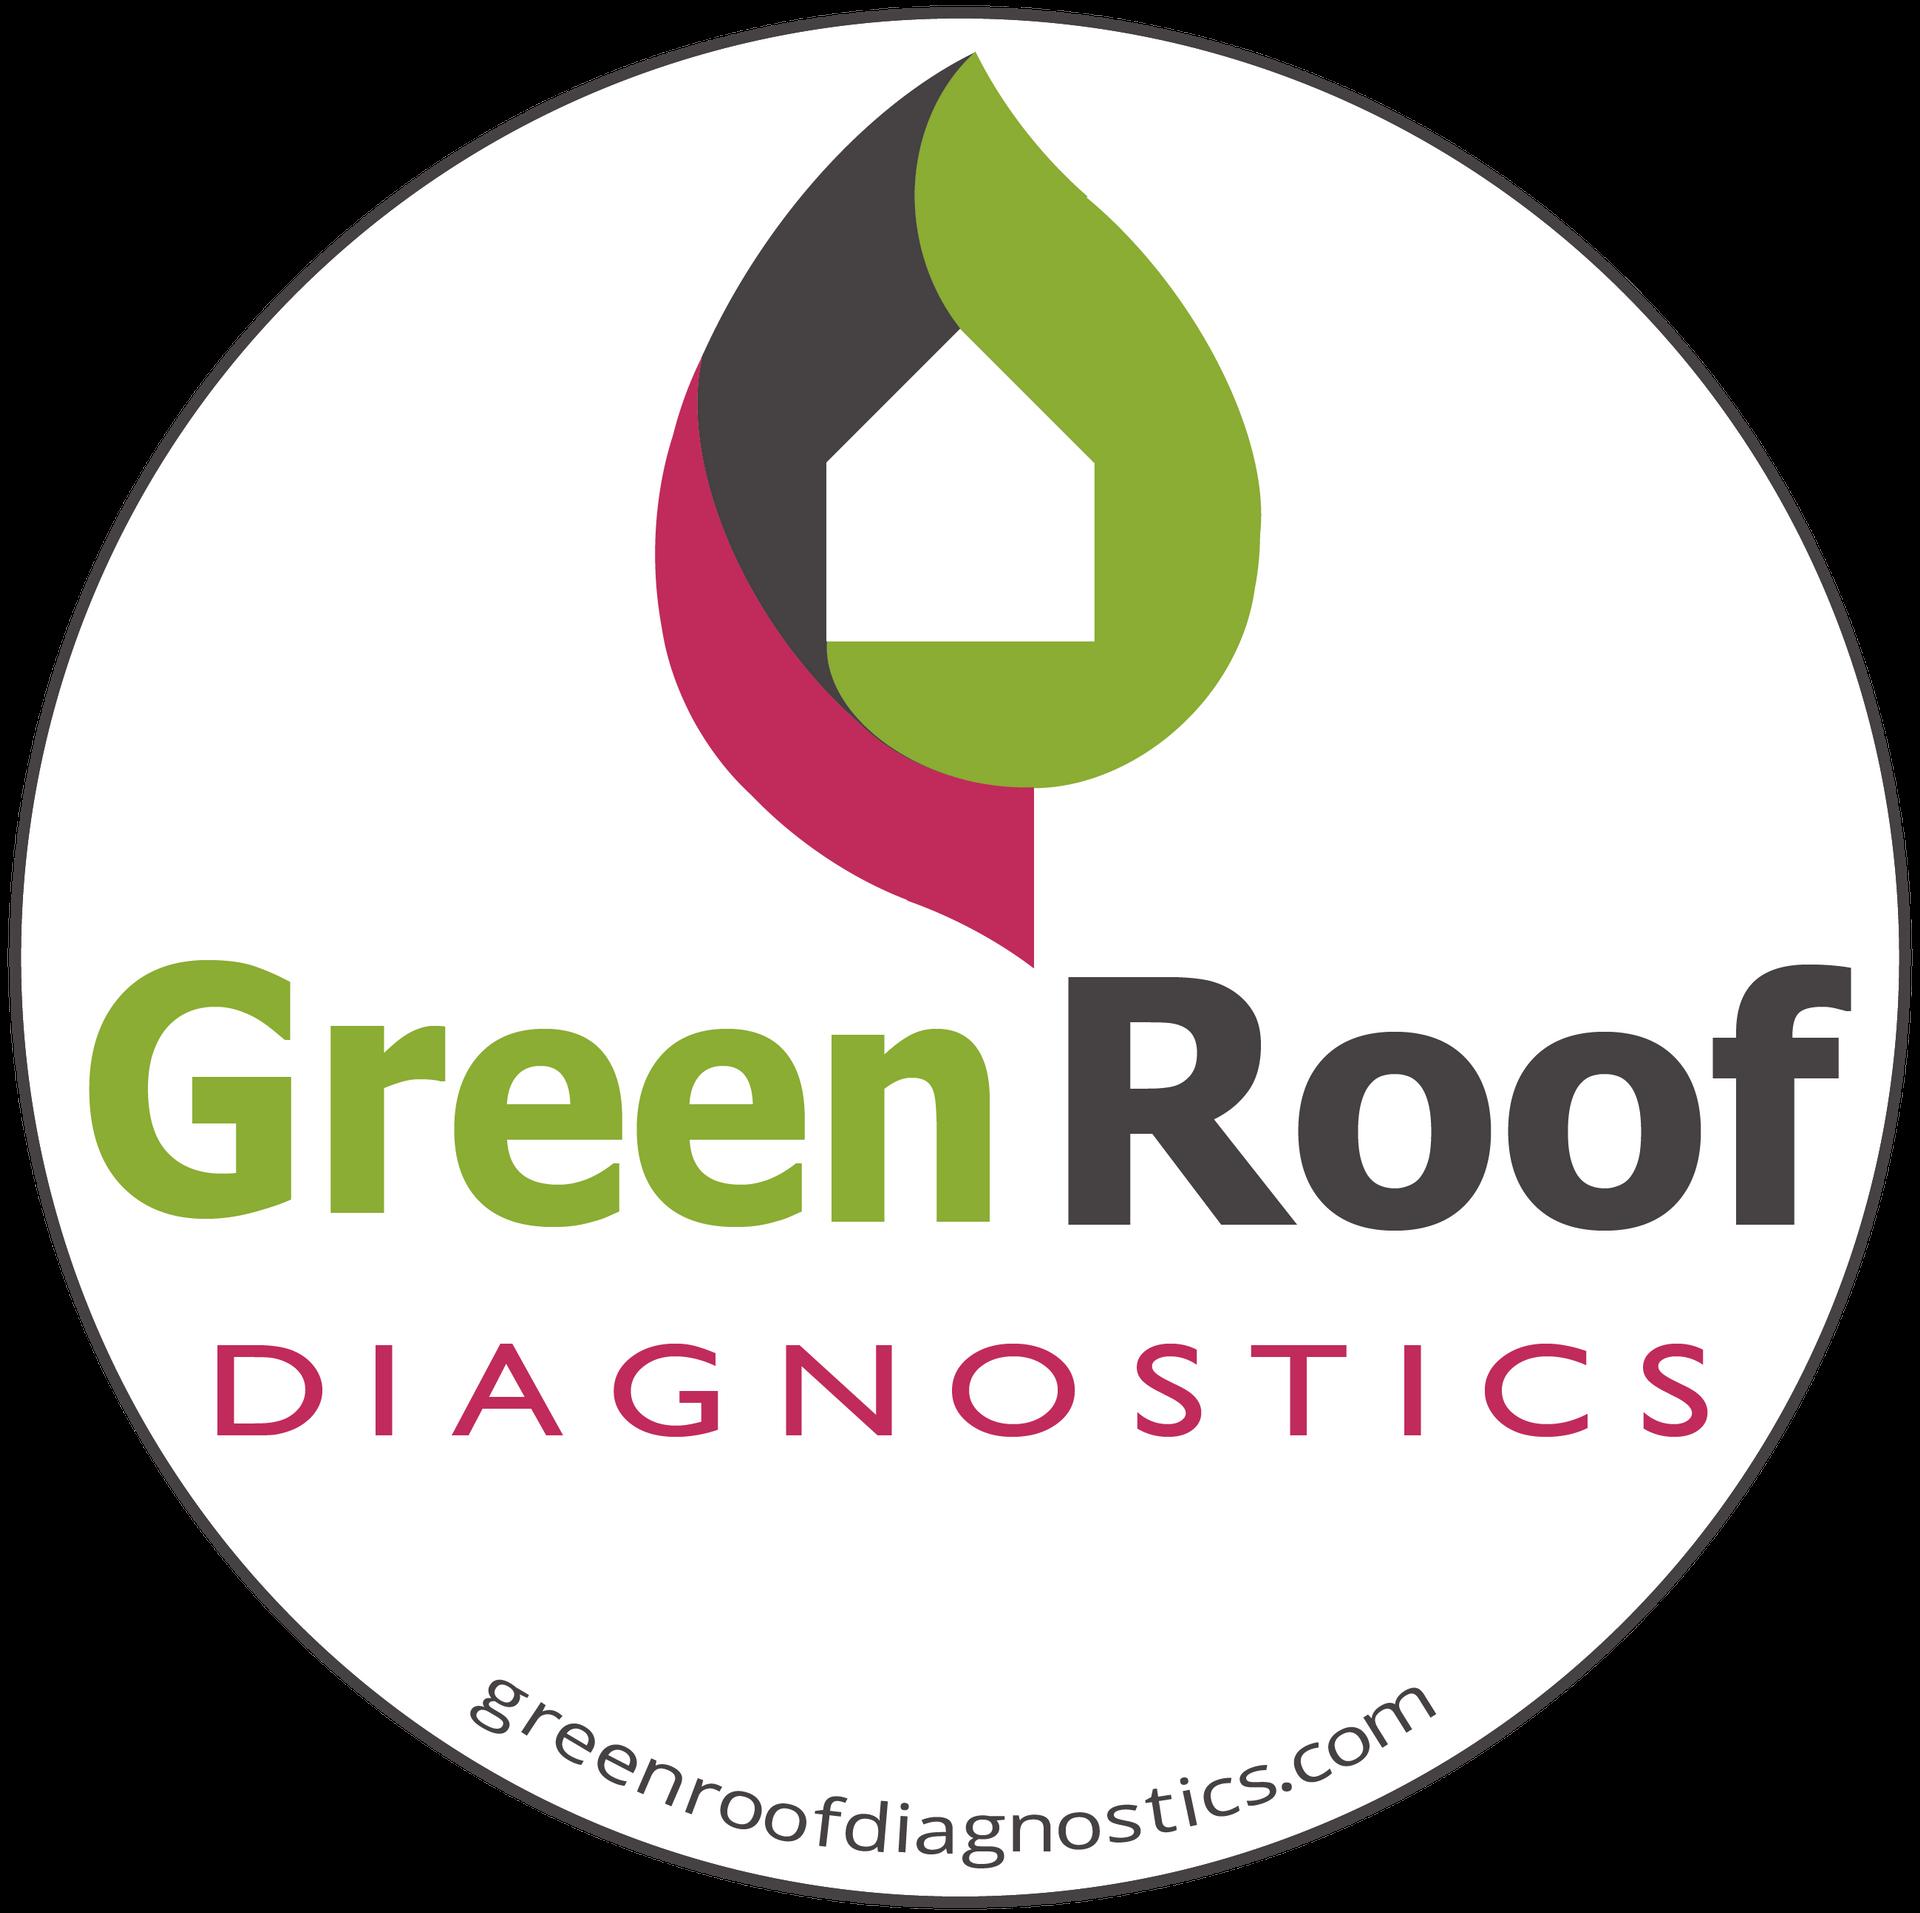 Green Roof Diagnostics logo